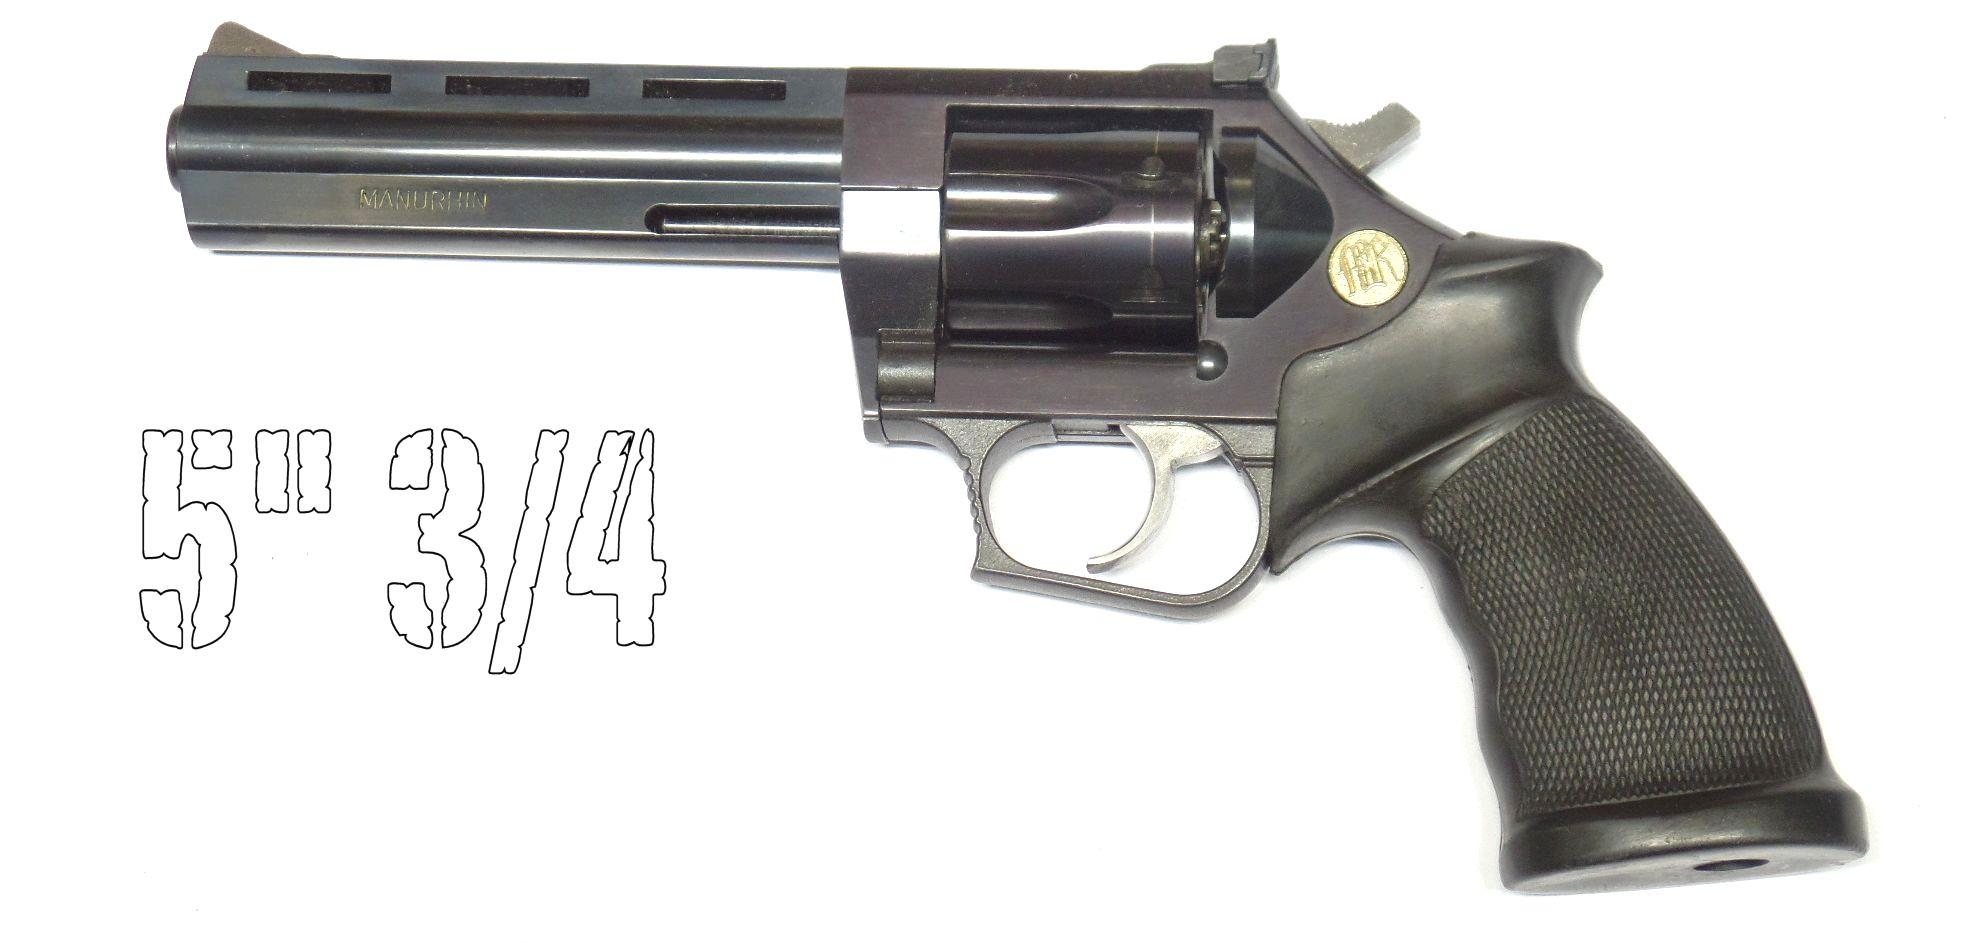 MANURHIN MR96 calibre 357 Magnum